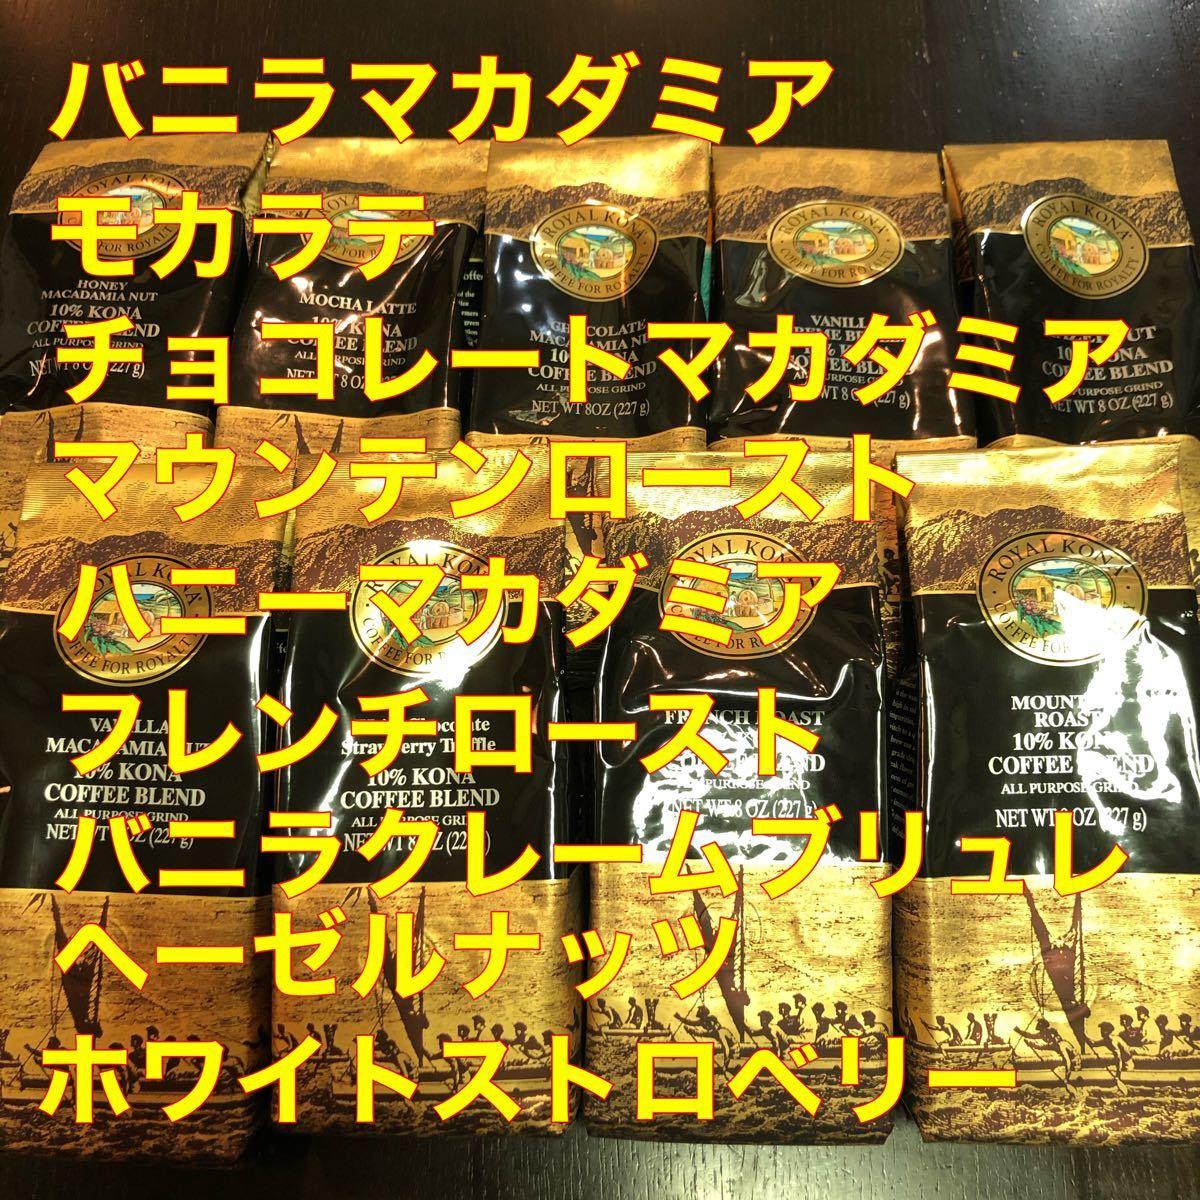 ロイヤルコナコーヒー全9種 フレーバー変更も可能